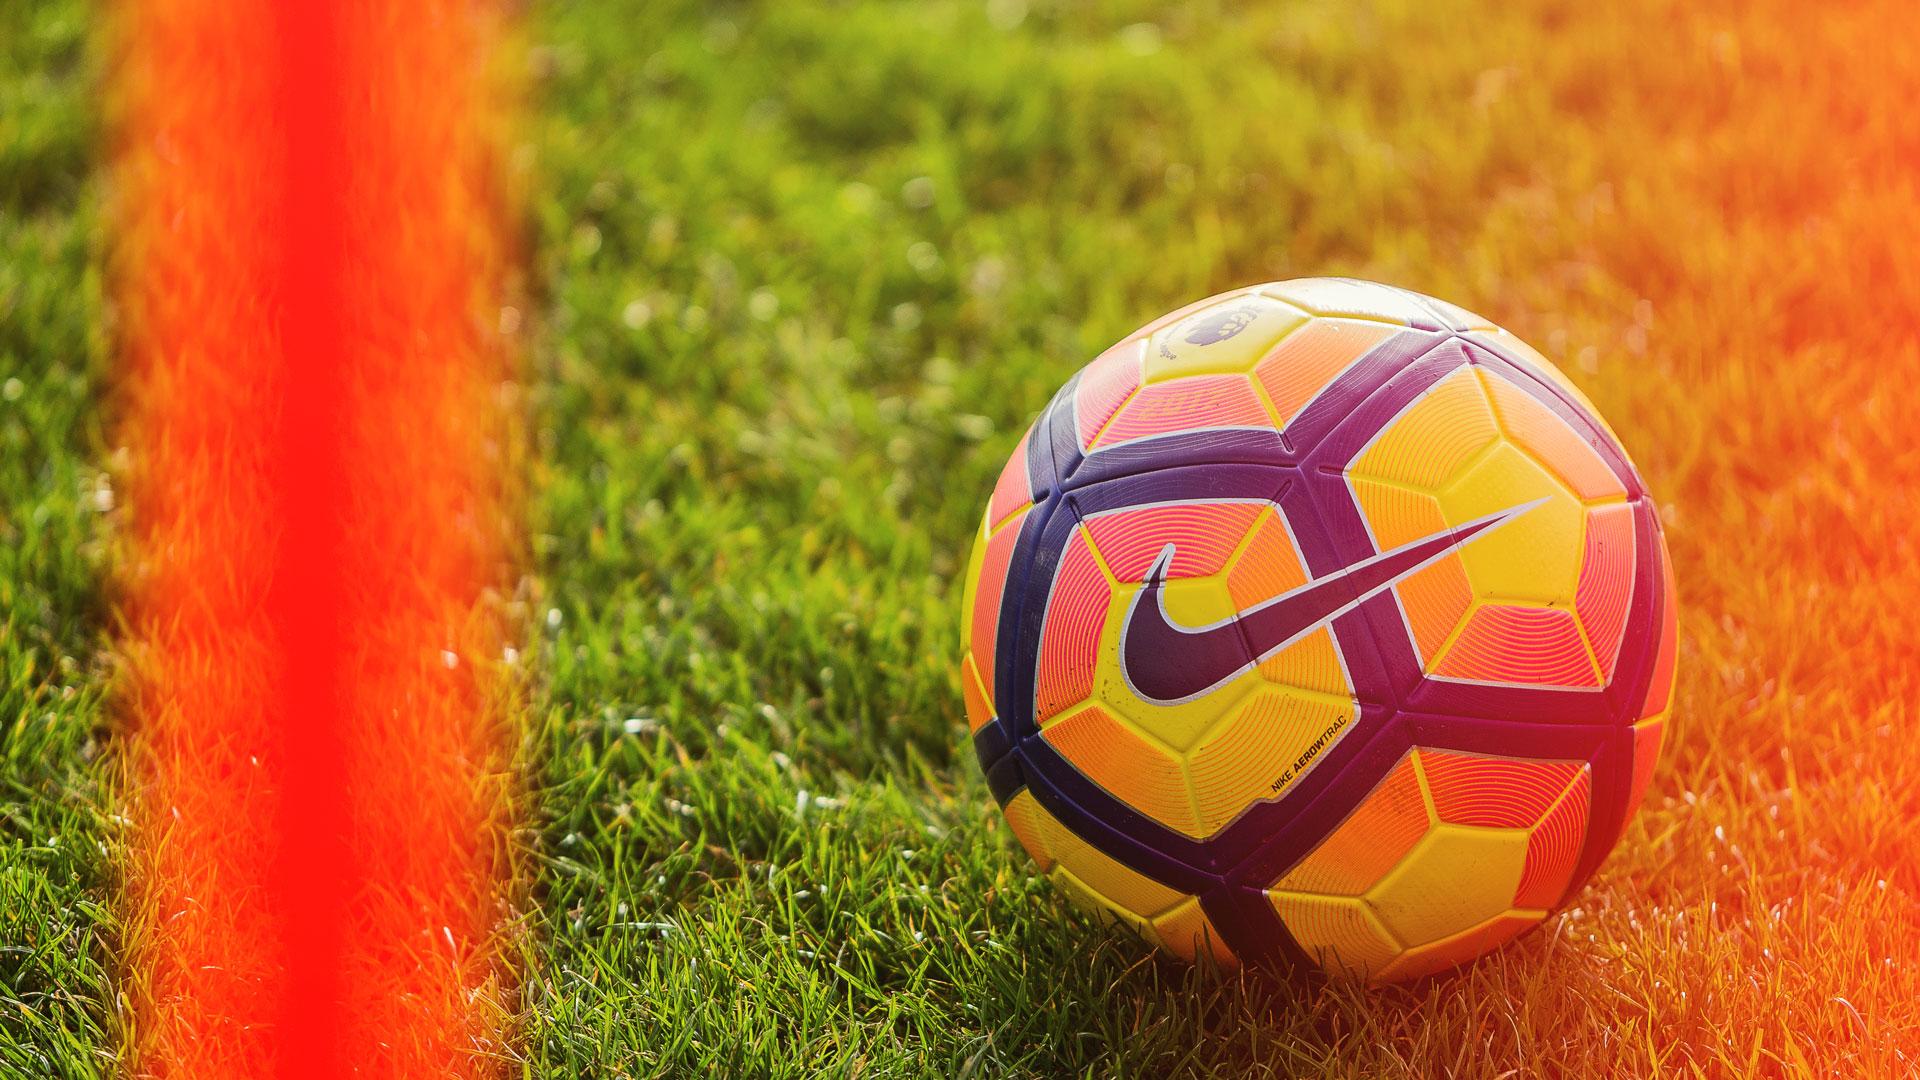 Обои На Телефон Футбольные Мячи